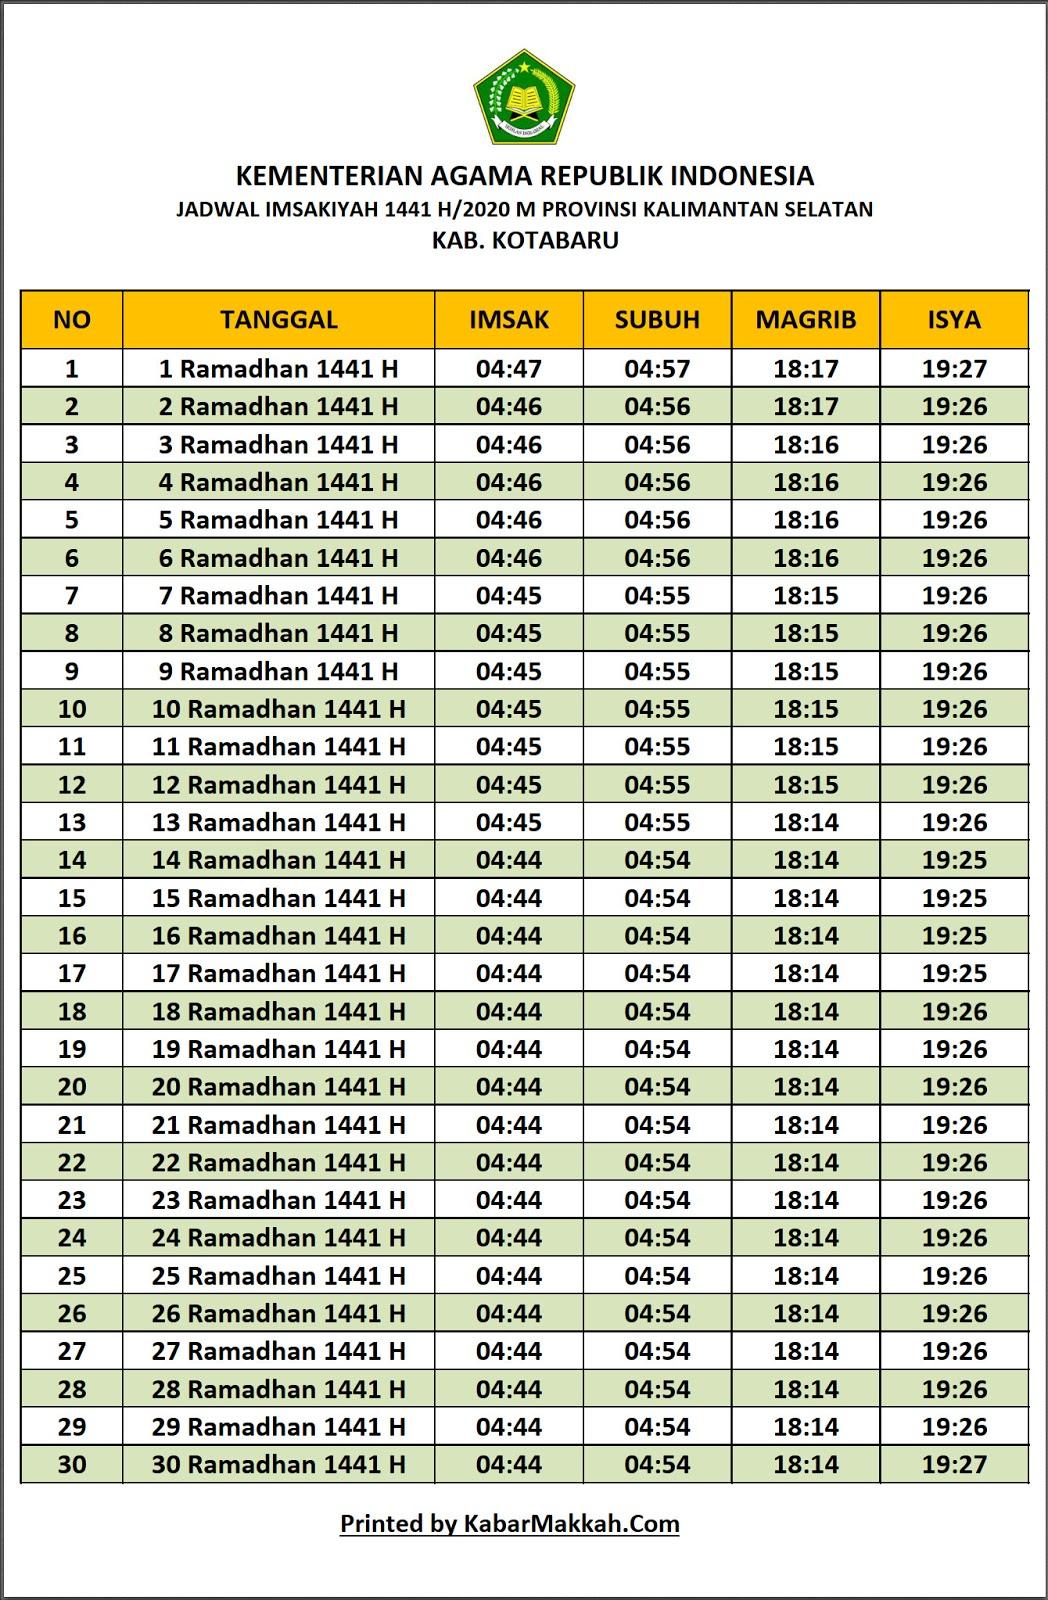 Jadwal Imsakiyah Kotabaru 2020